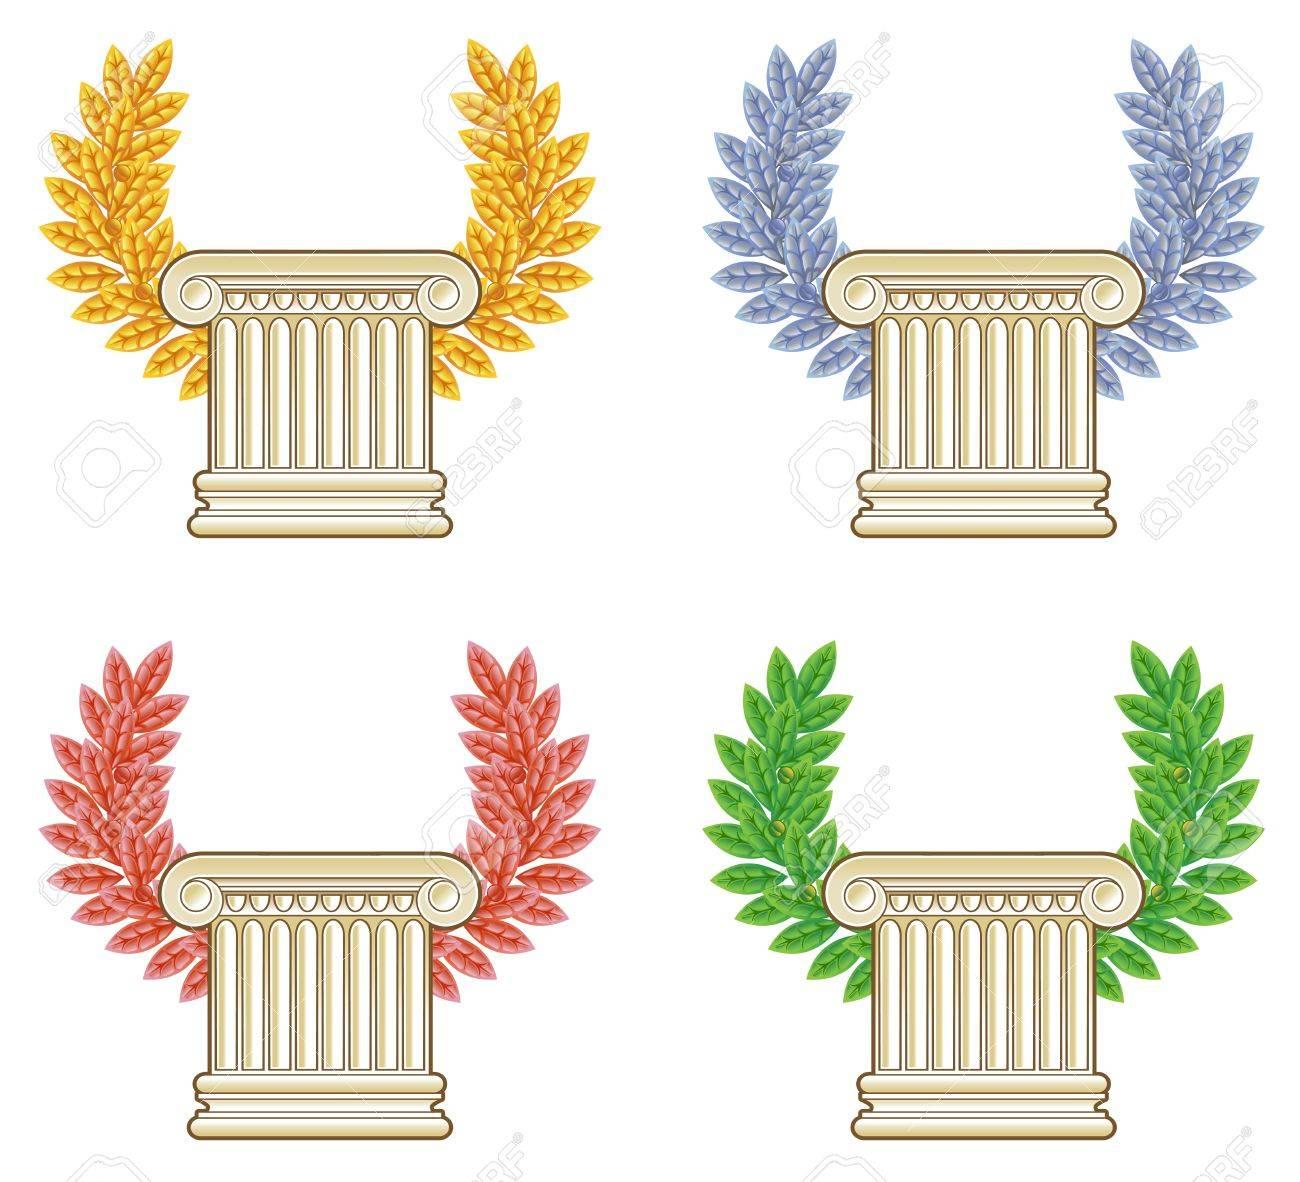 Gold Column Vector Gold Column Gold Silver